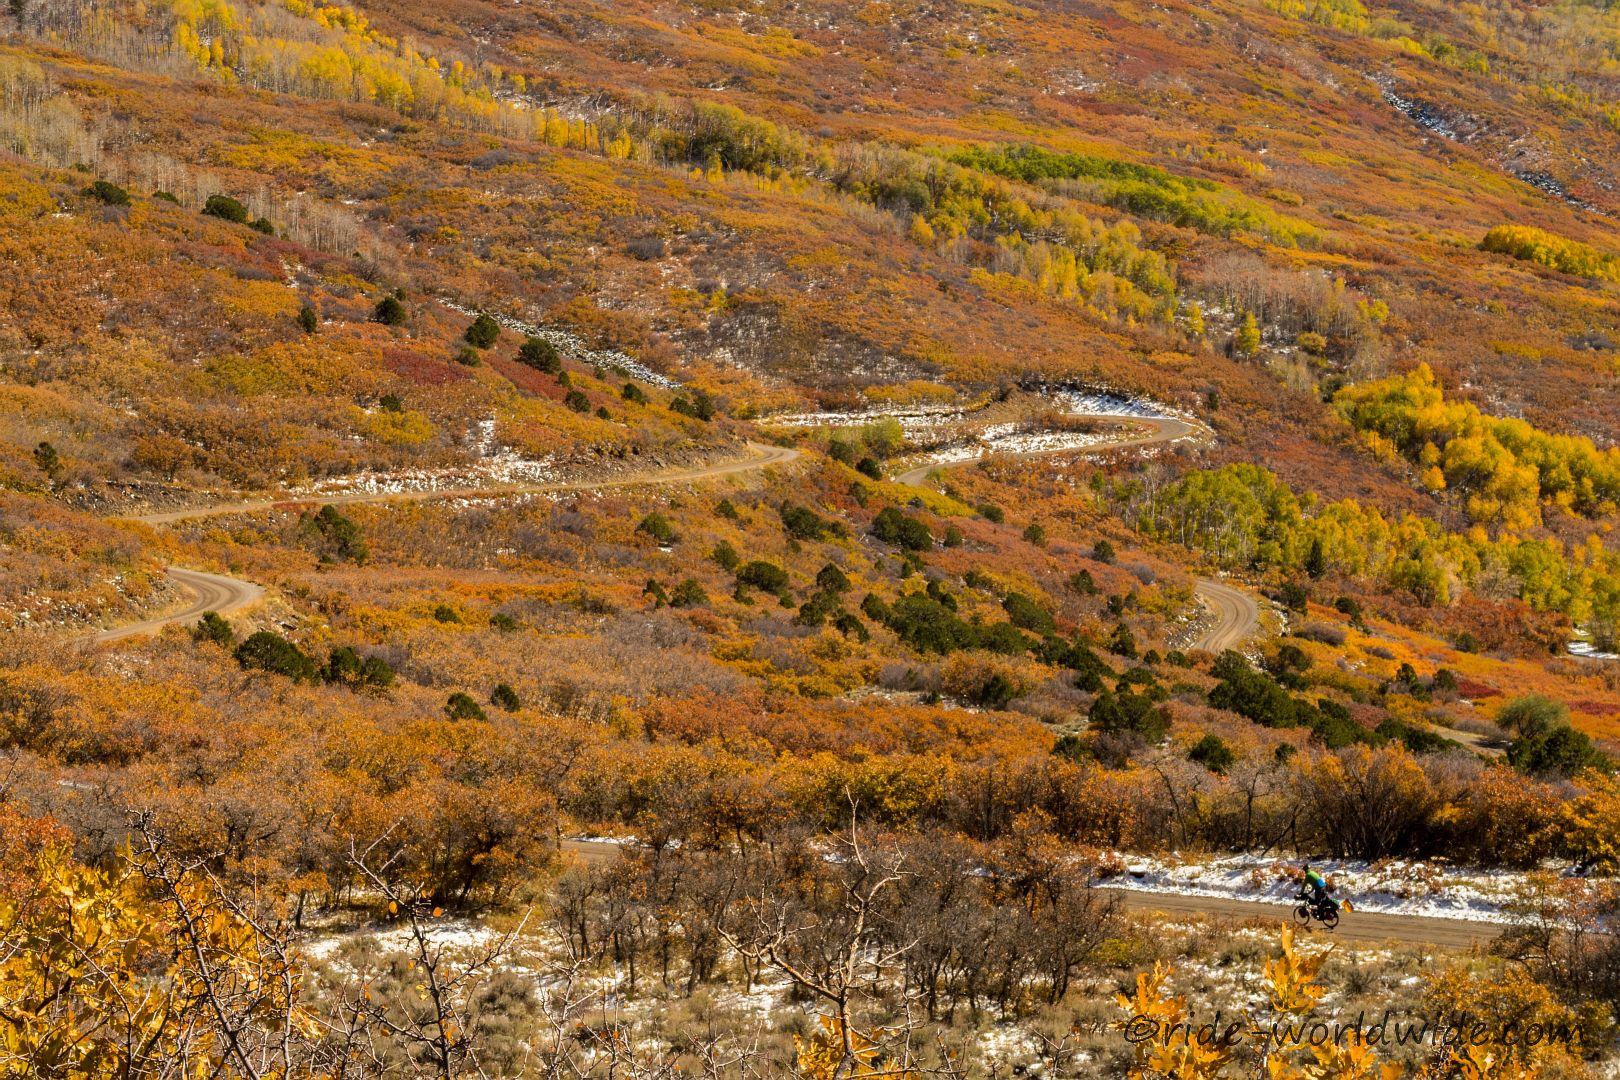 Herbst auf der Land Ends Road